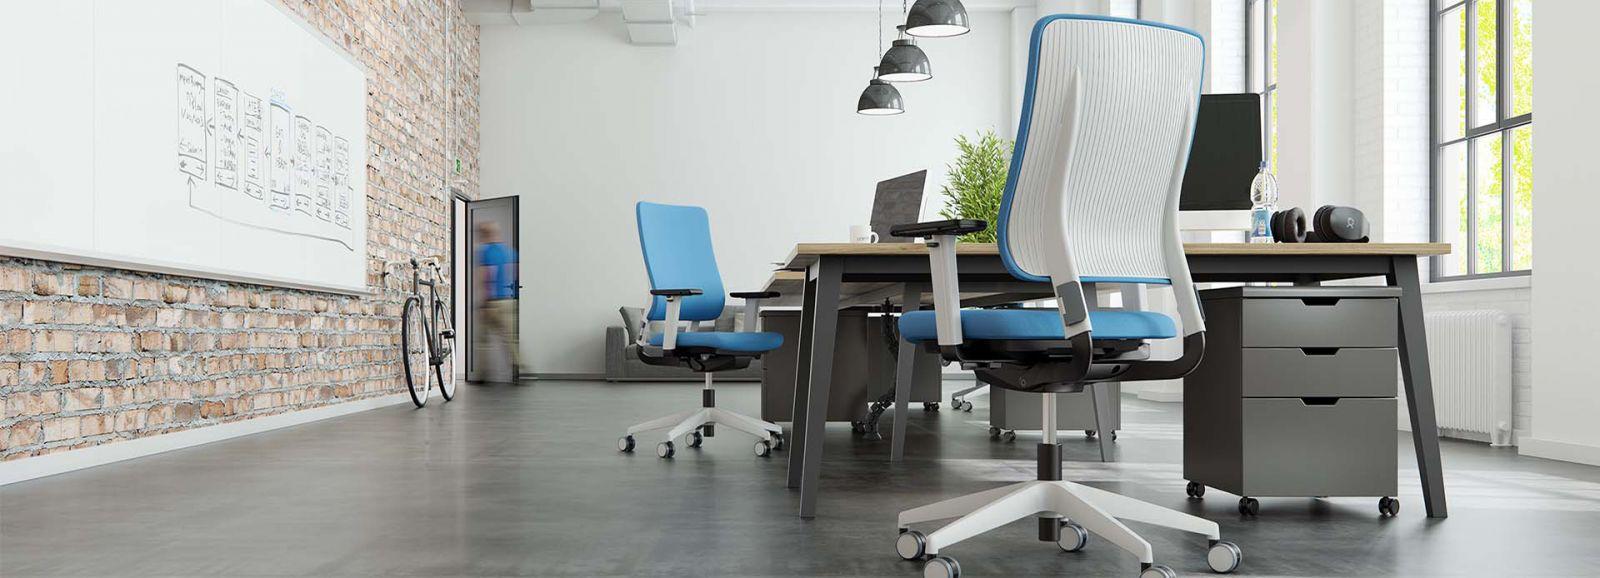 Favorit Stuhl-Polster-Reinigung - Büro | Objekt Eisele | Stutensee/Karlsruhe XE02